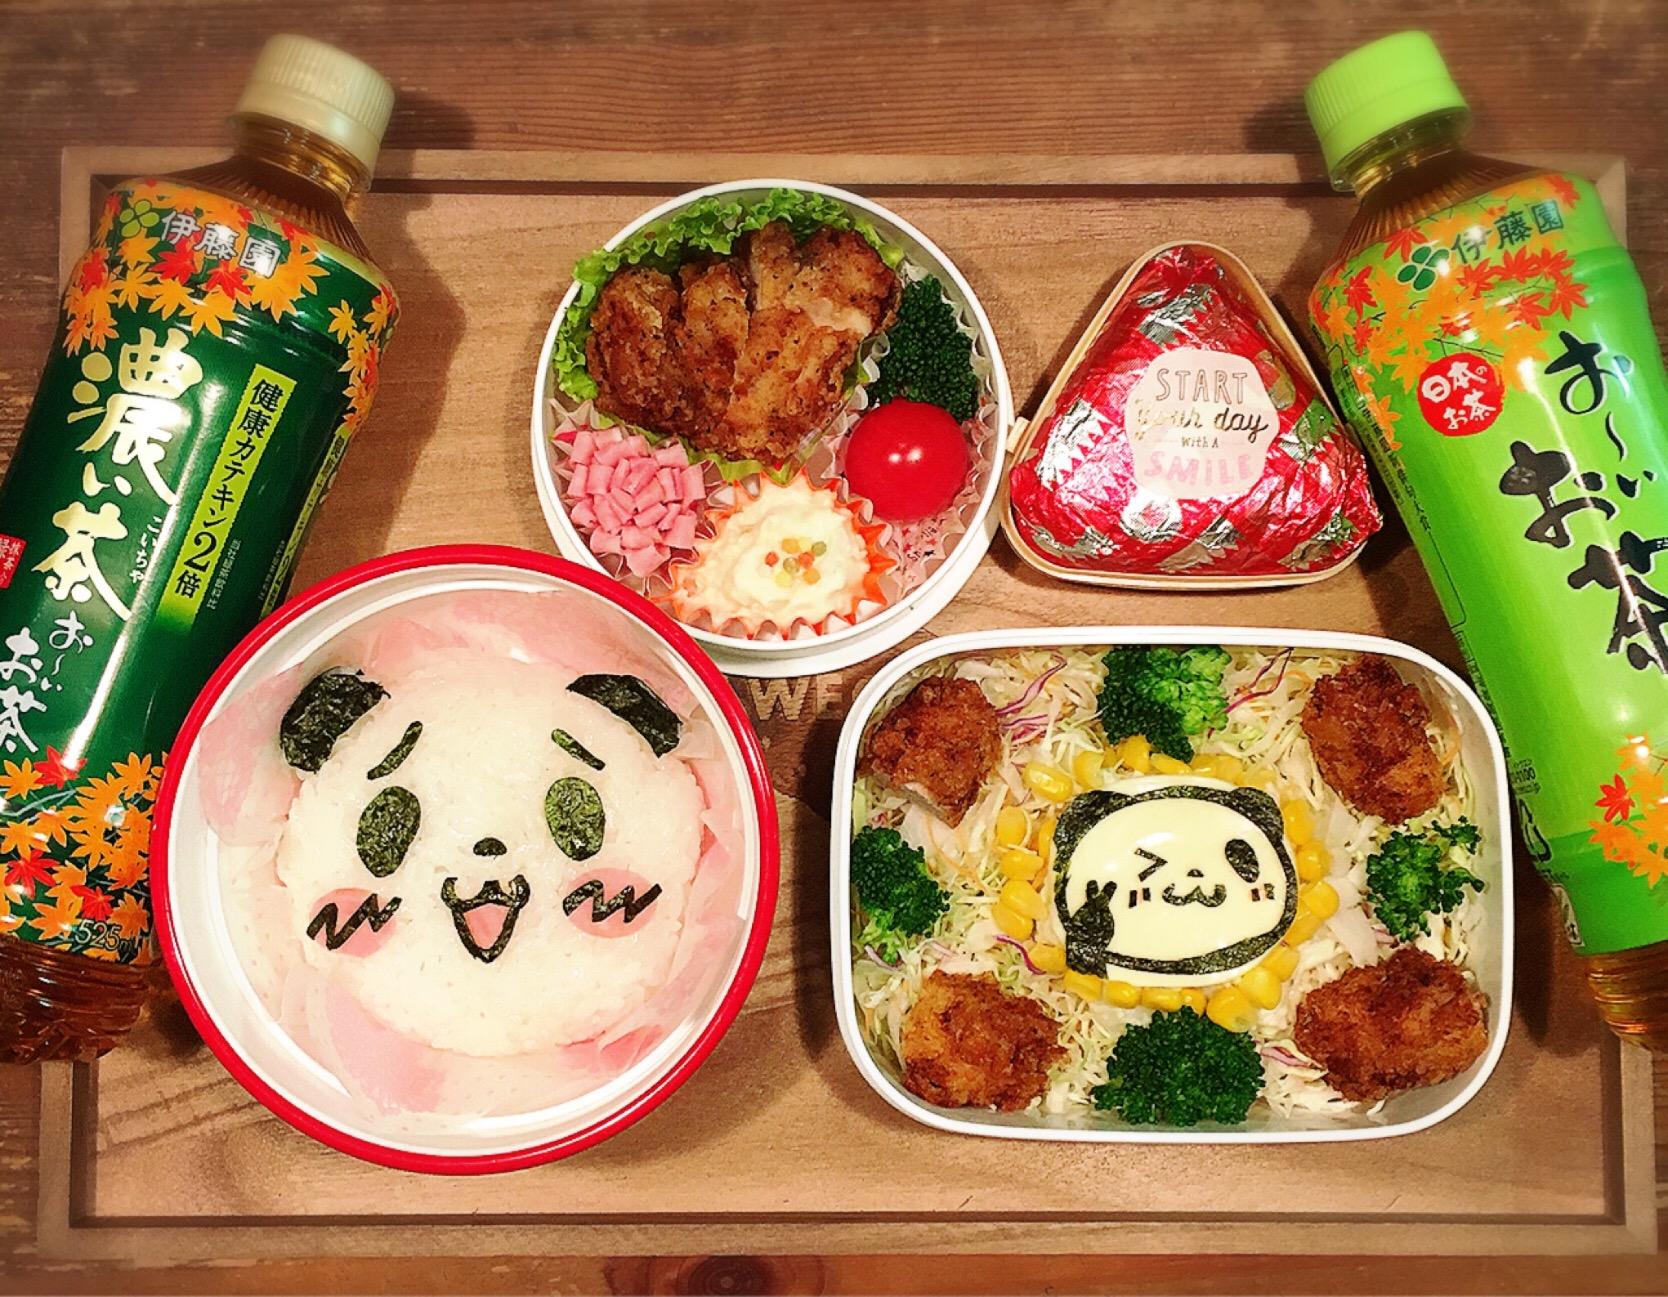 本日のOL弁+JKサラダ弁?? 今日は、楽天お買いものパンダ?✨✨